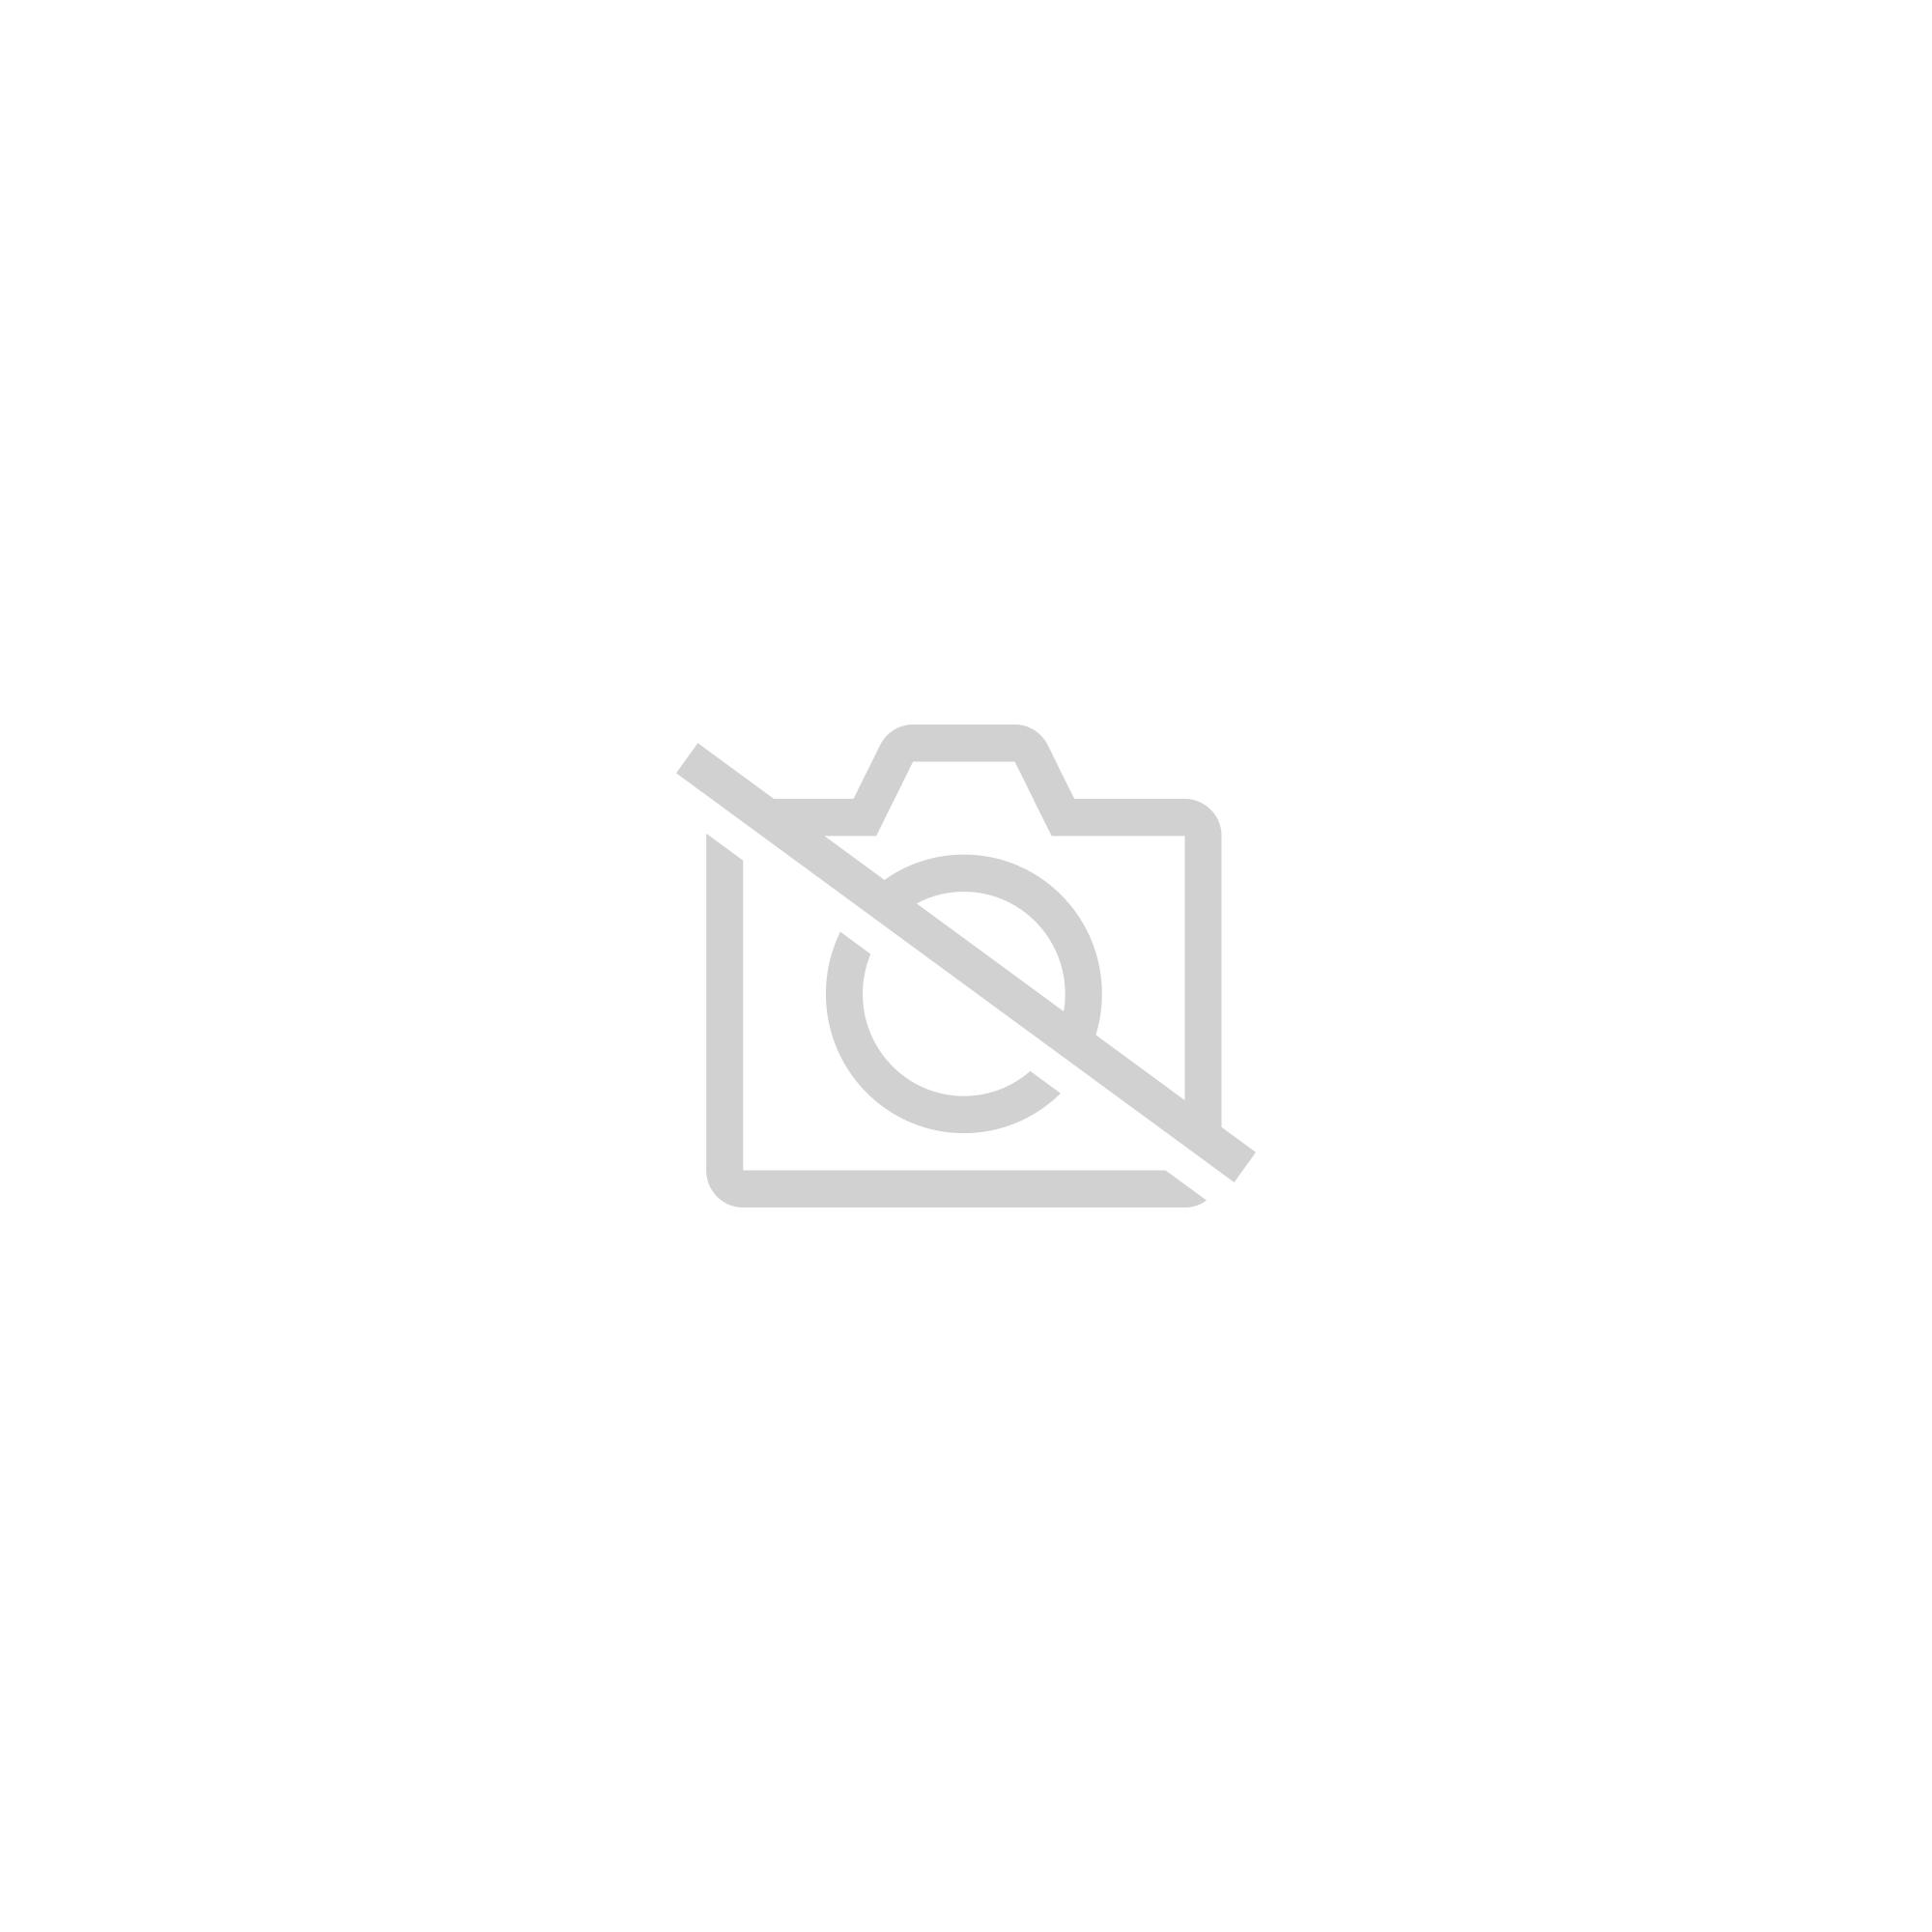 [MULTI] Capitaine sans peur [DVDRiP]